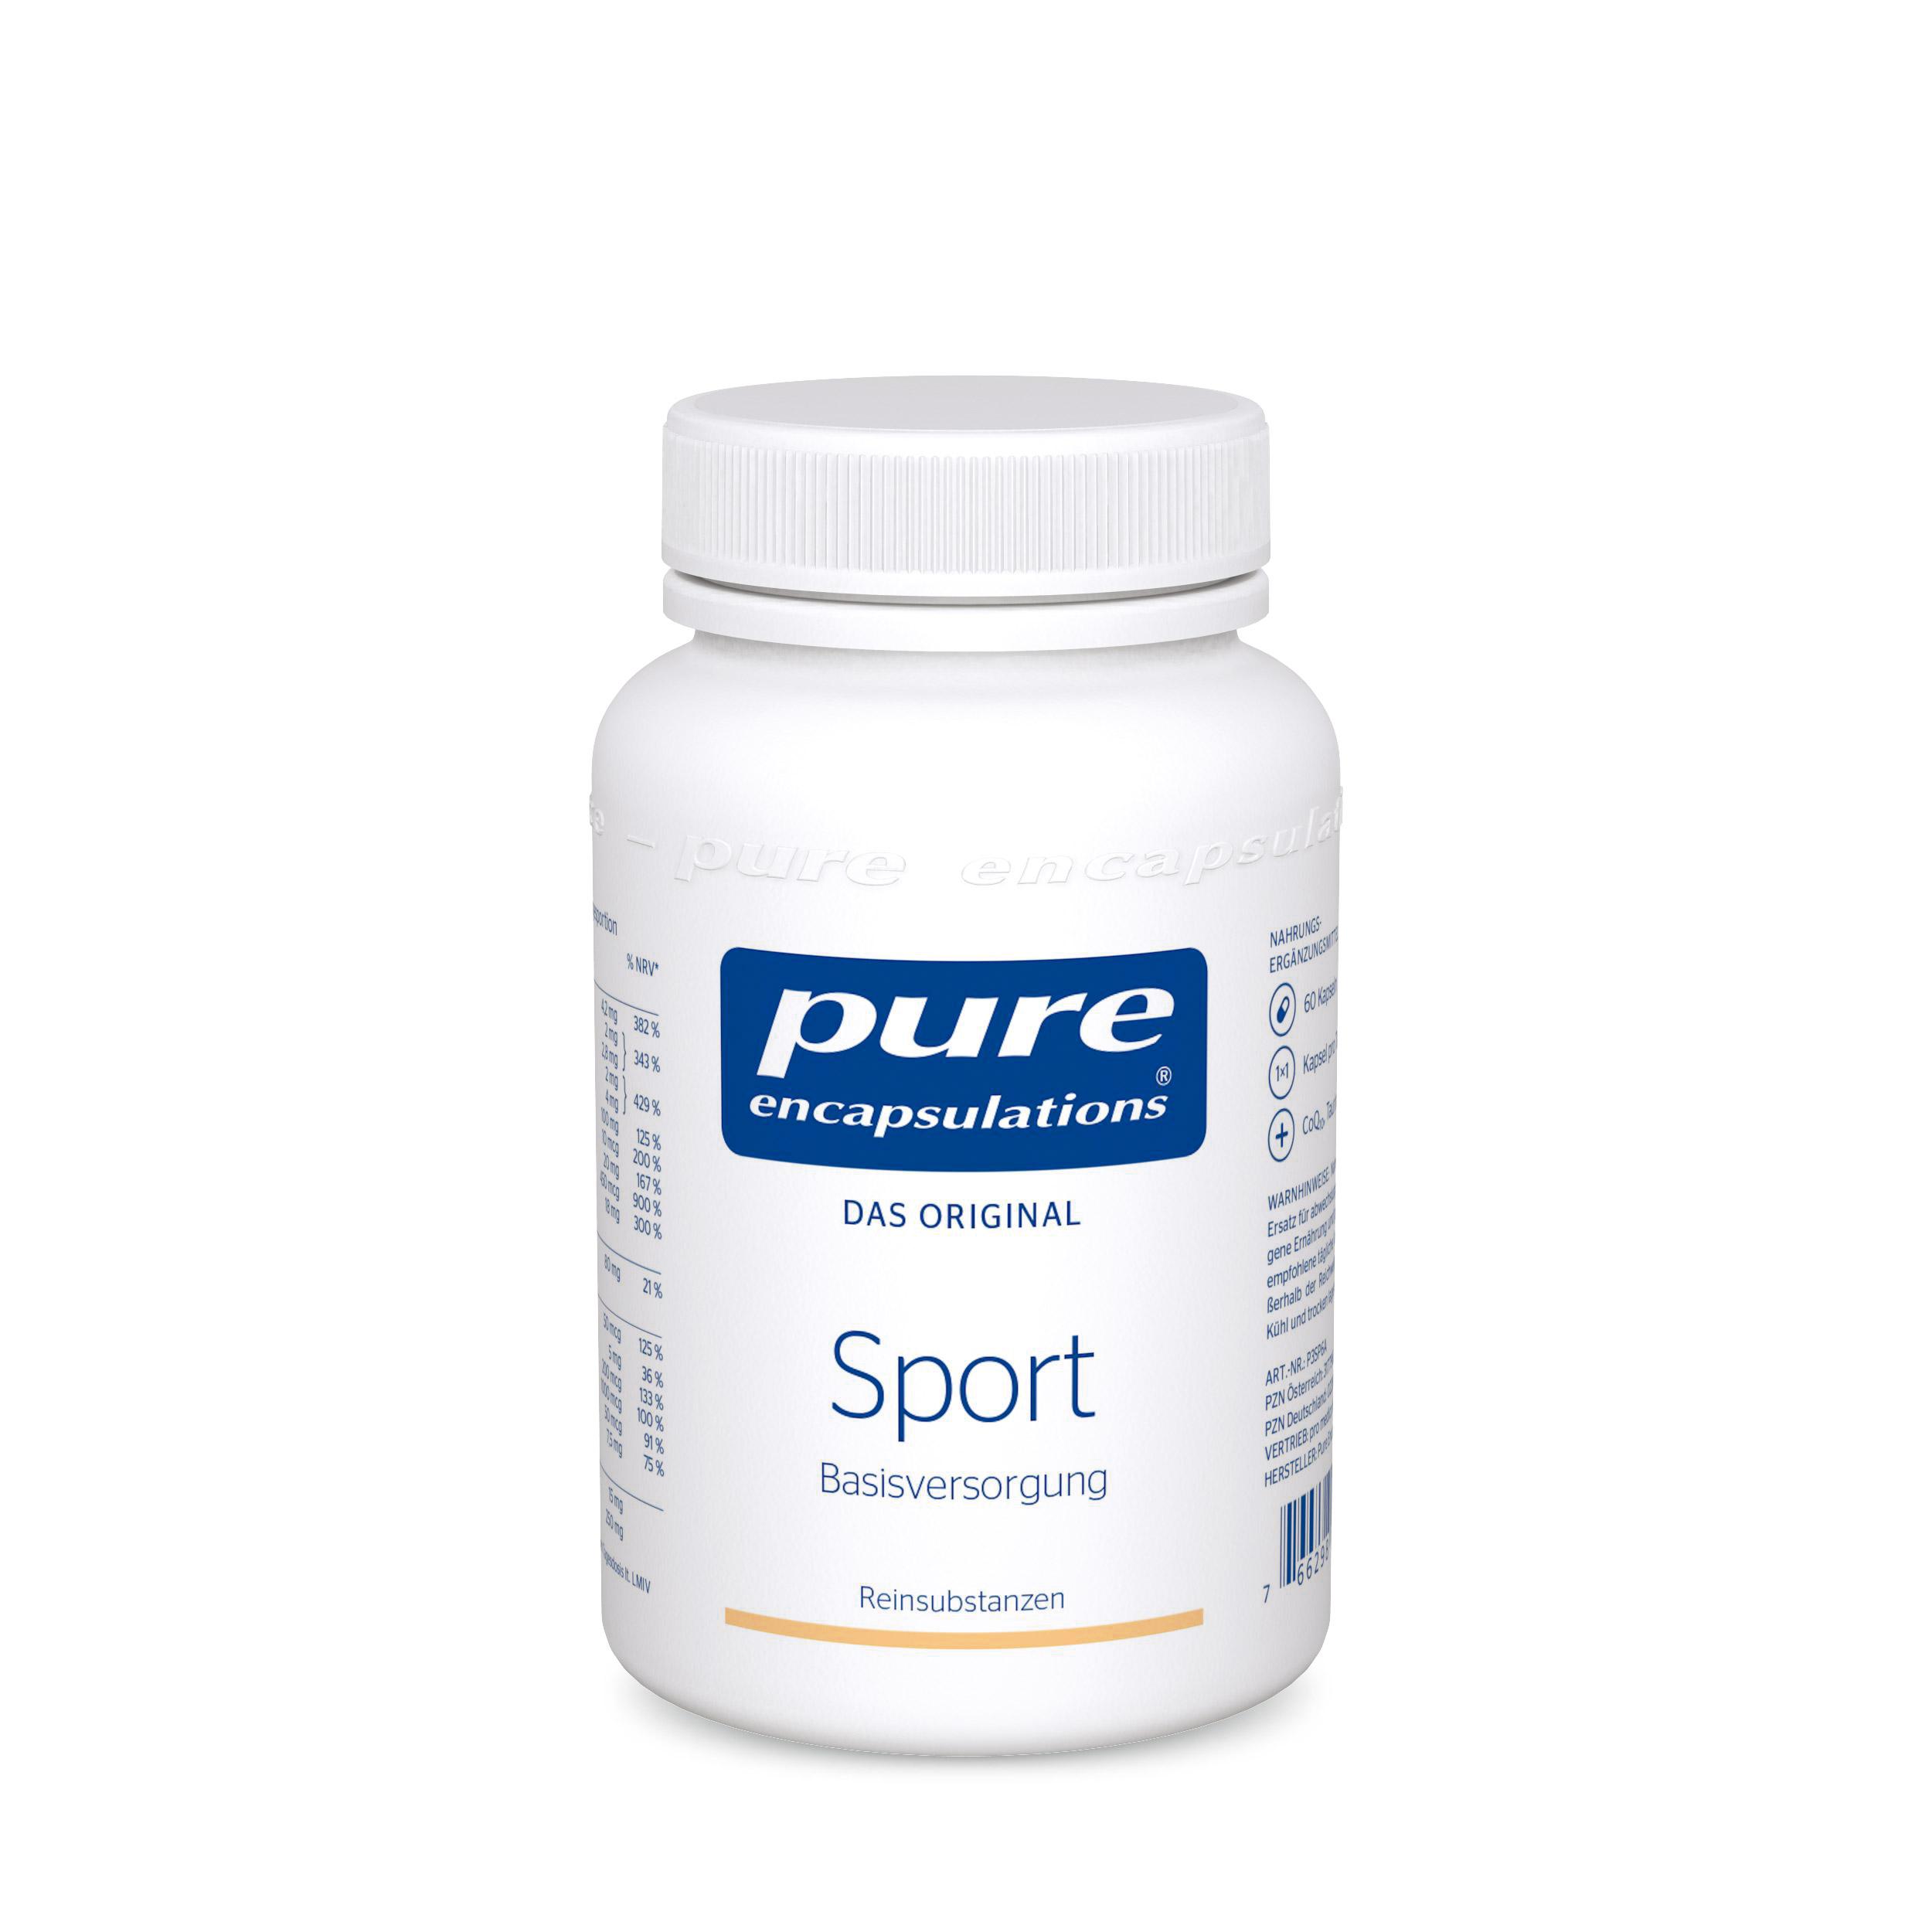 Ideal bei Sport und bei einem erhöhten Energieverbrauch. Abgestimmte Mikronährstoffe für Sportler und Aktive.